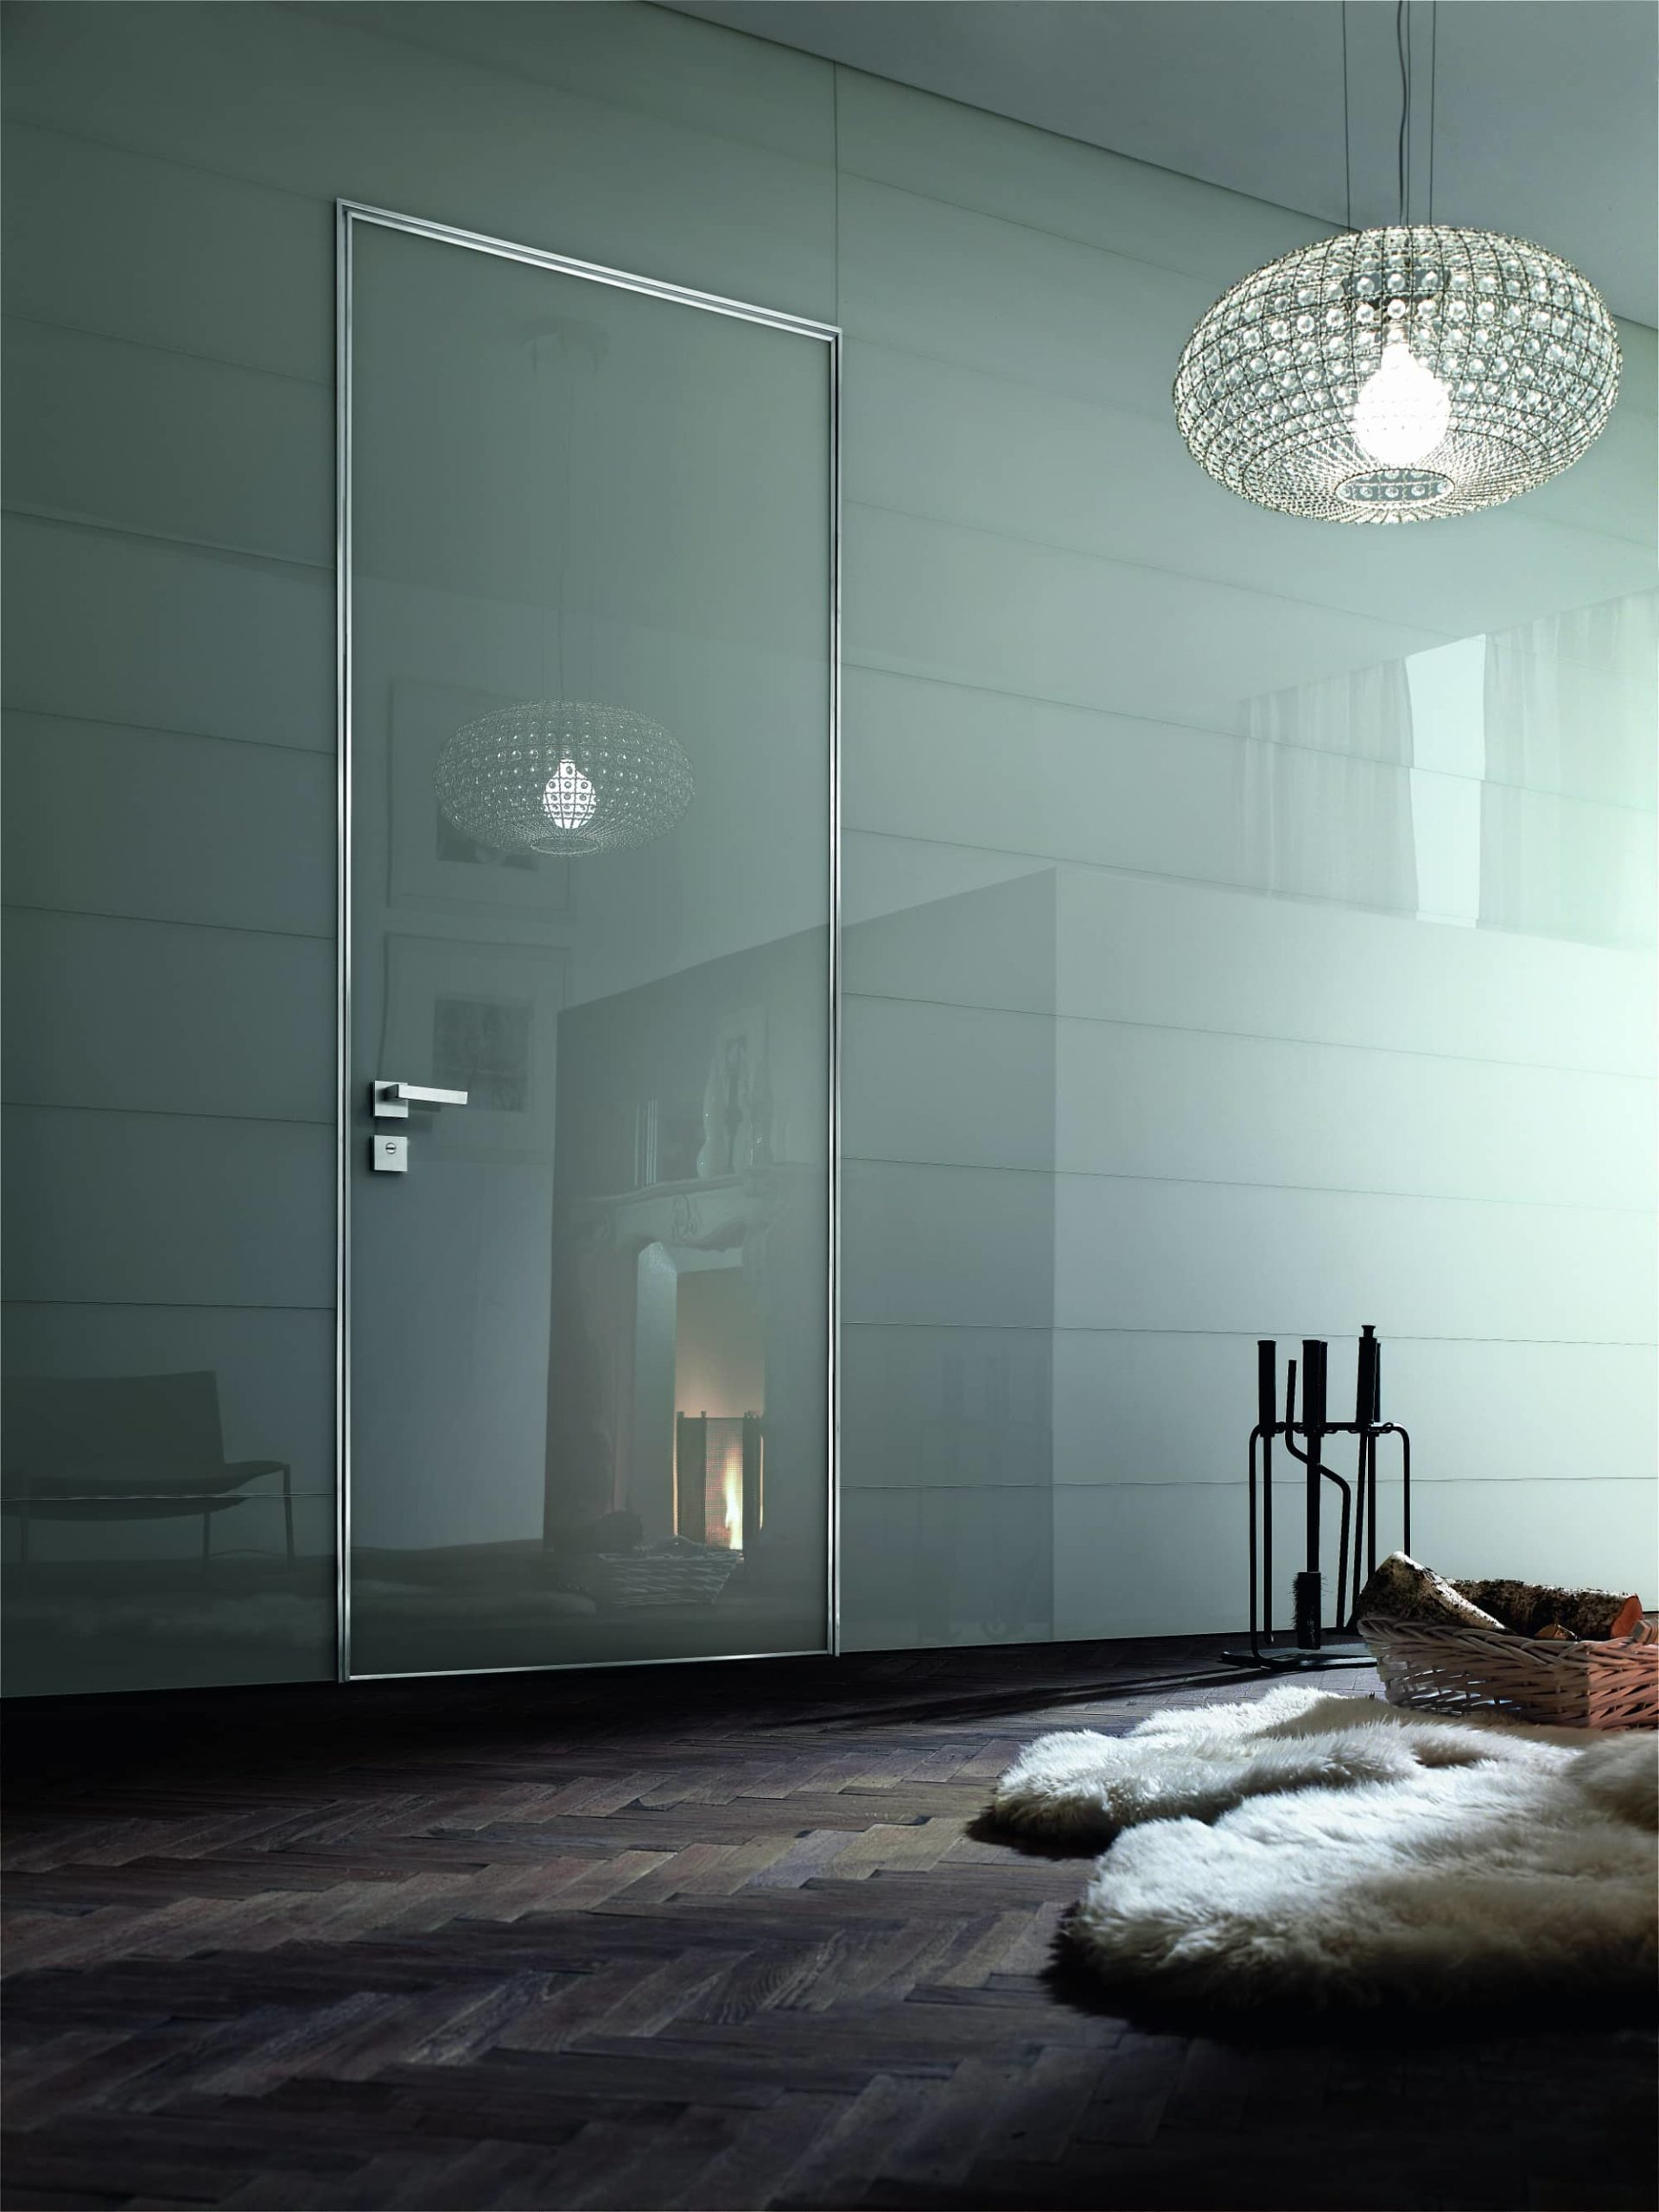 Oikos puerta Project Vidrio